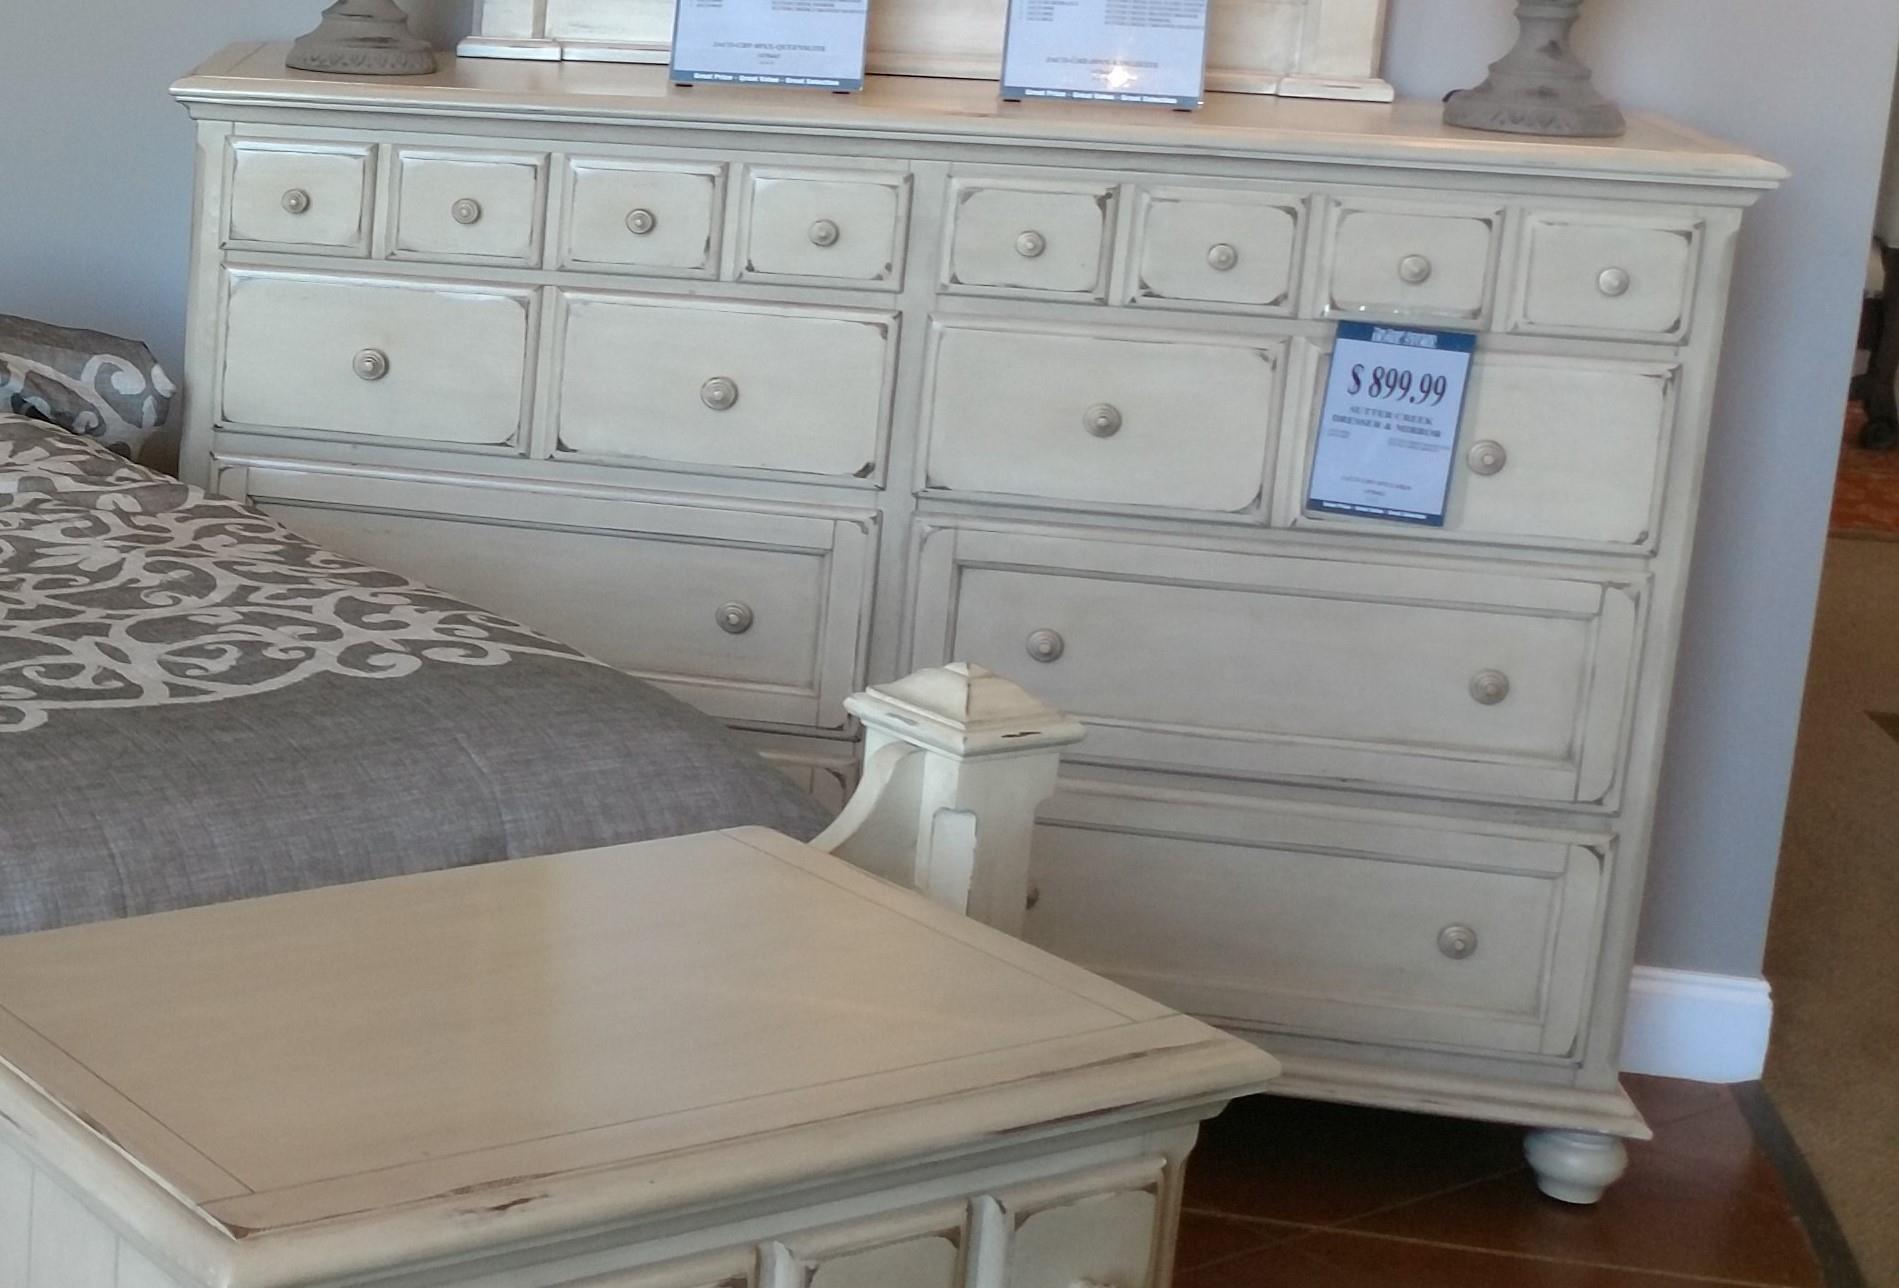 Jacob Edwards Designs Sutter Creek Drawer Dresser - Item Number: 8900